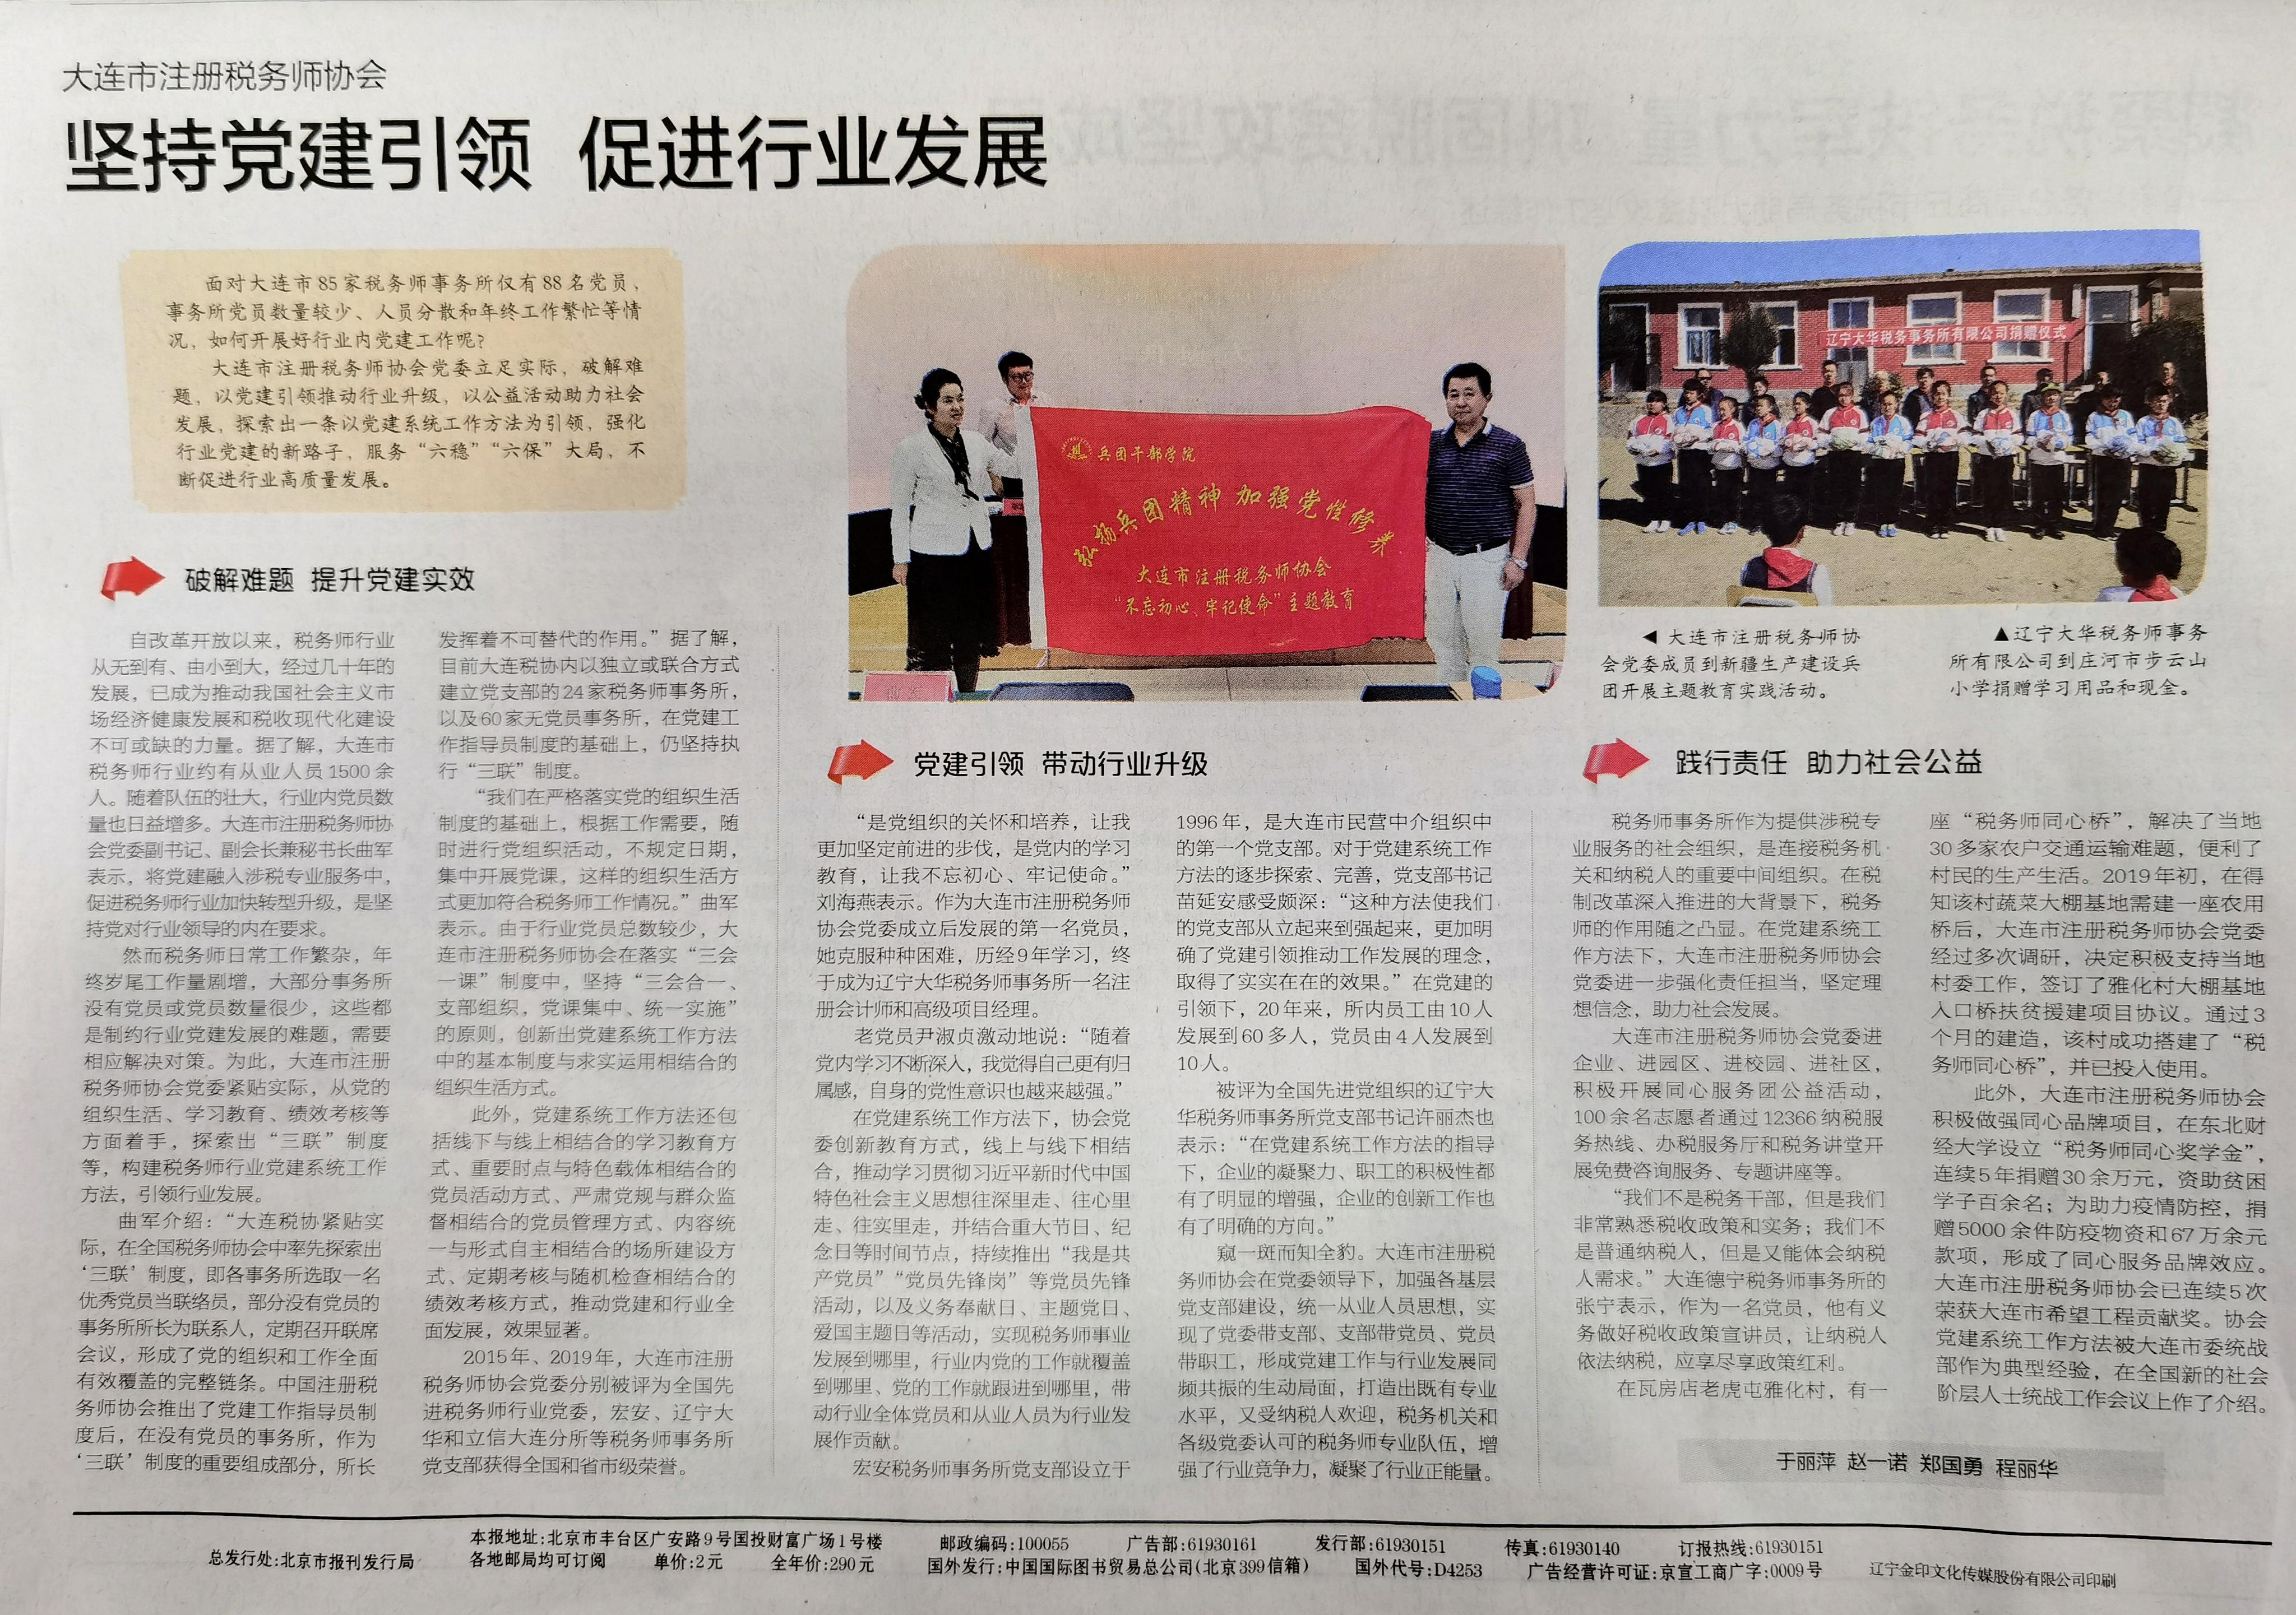 中国税务报报道大连税务师行业党建工作